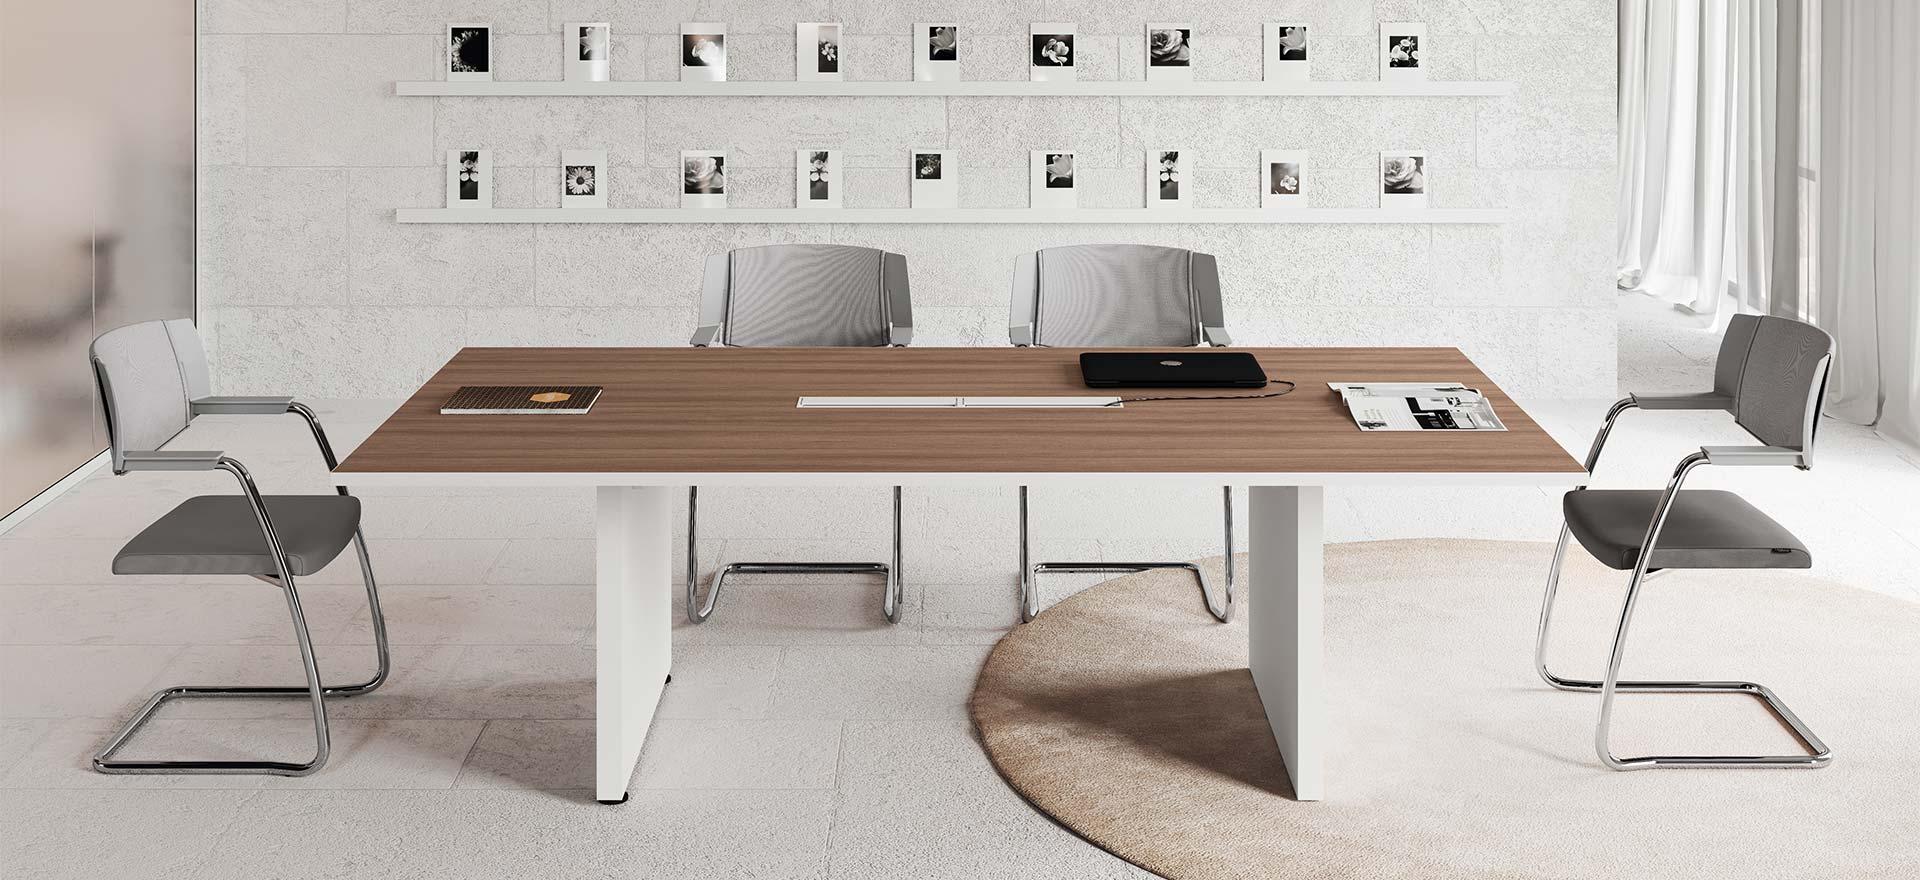 Офисный стол для переговоров Logic